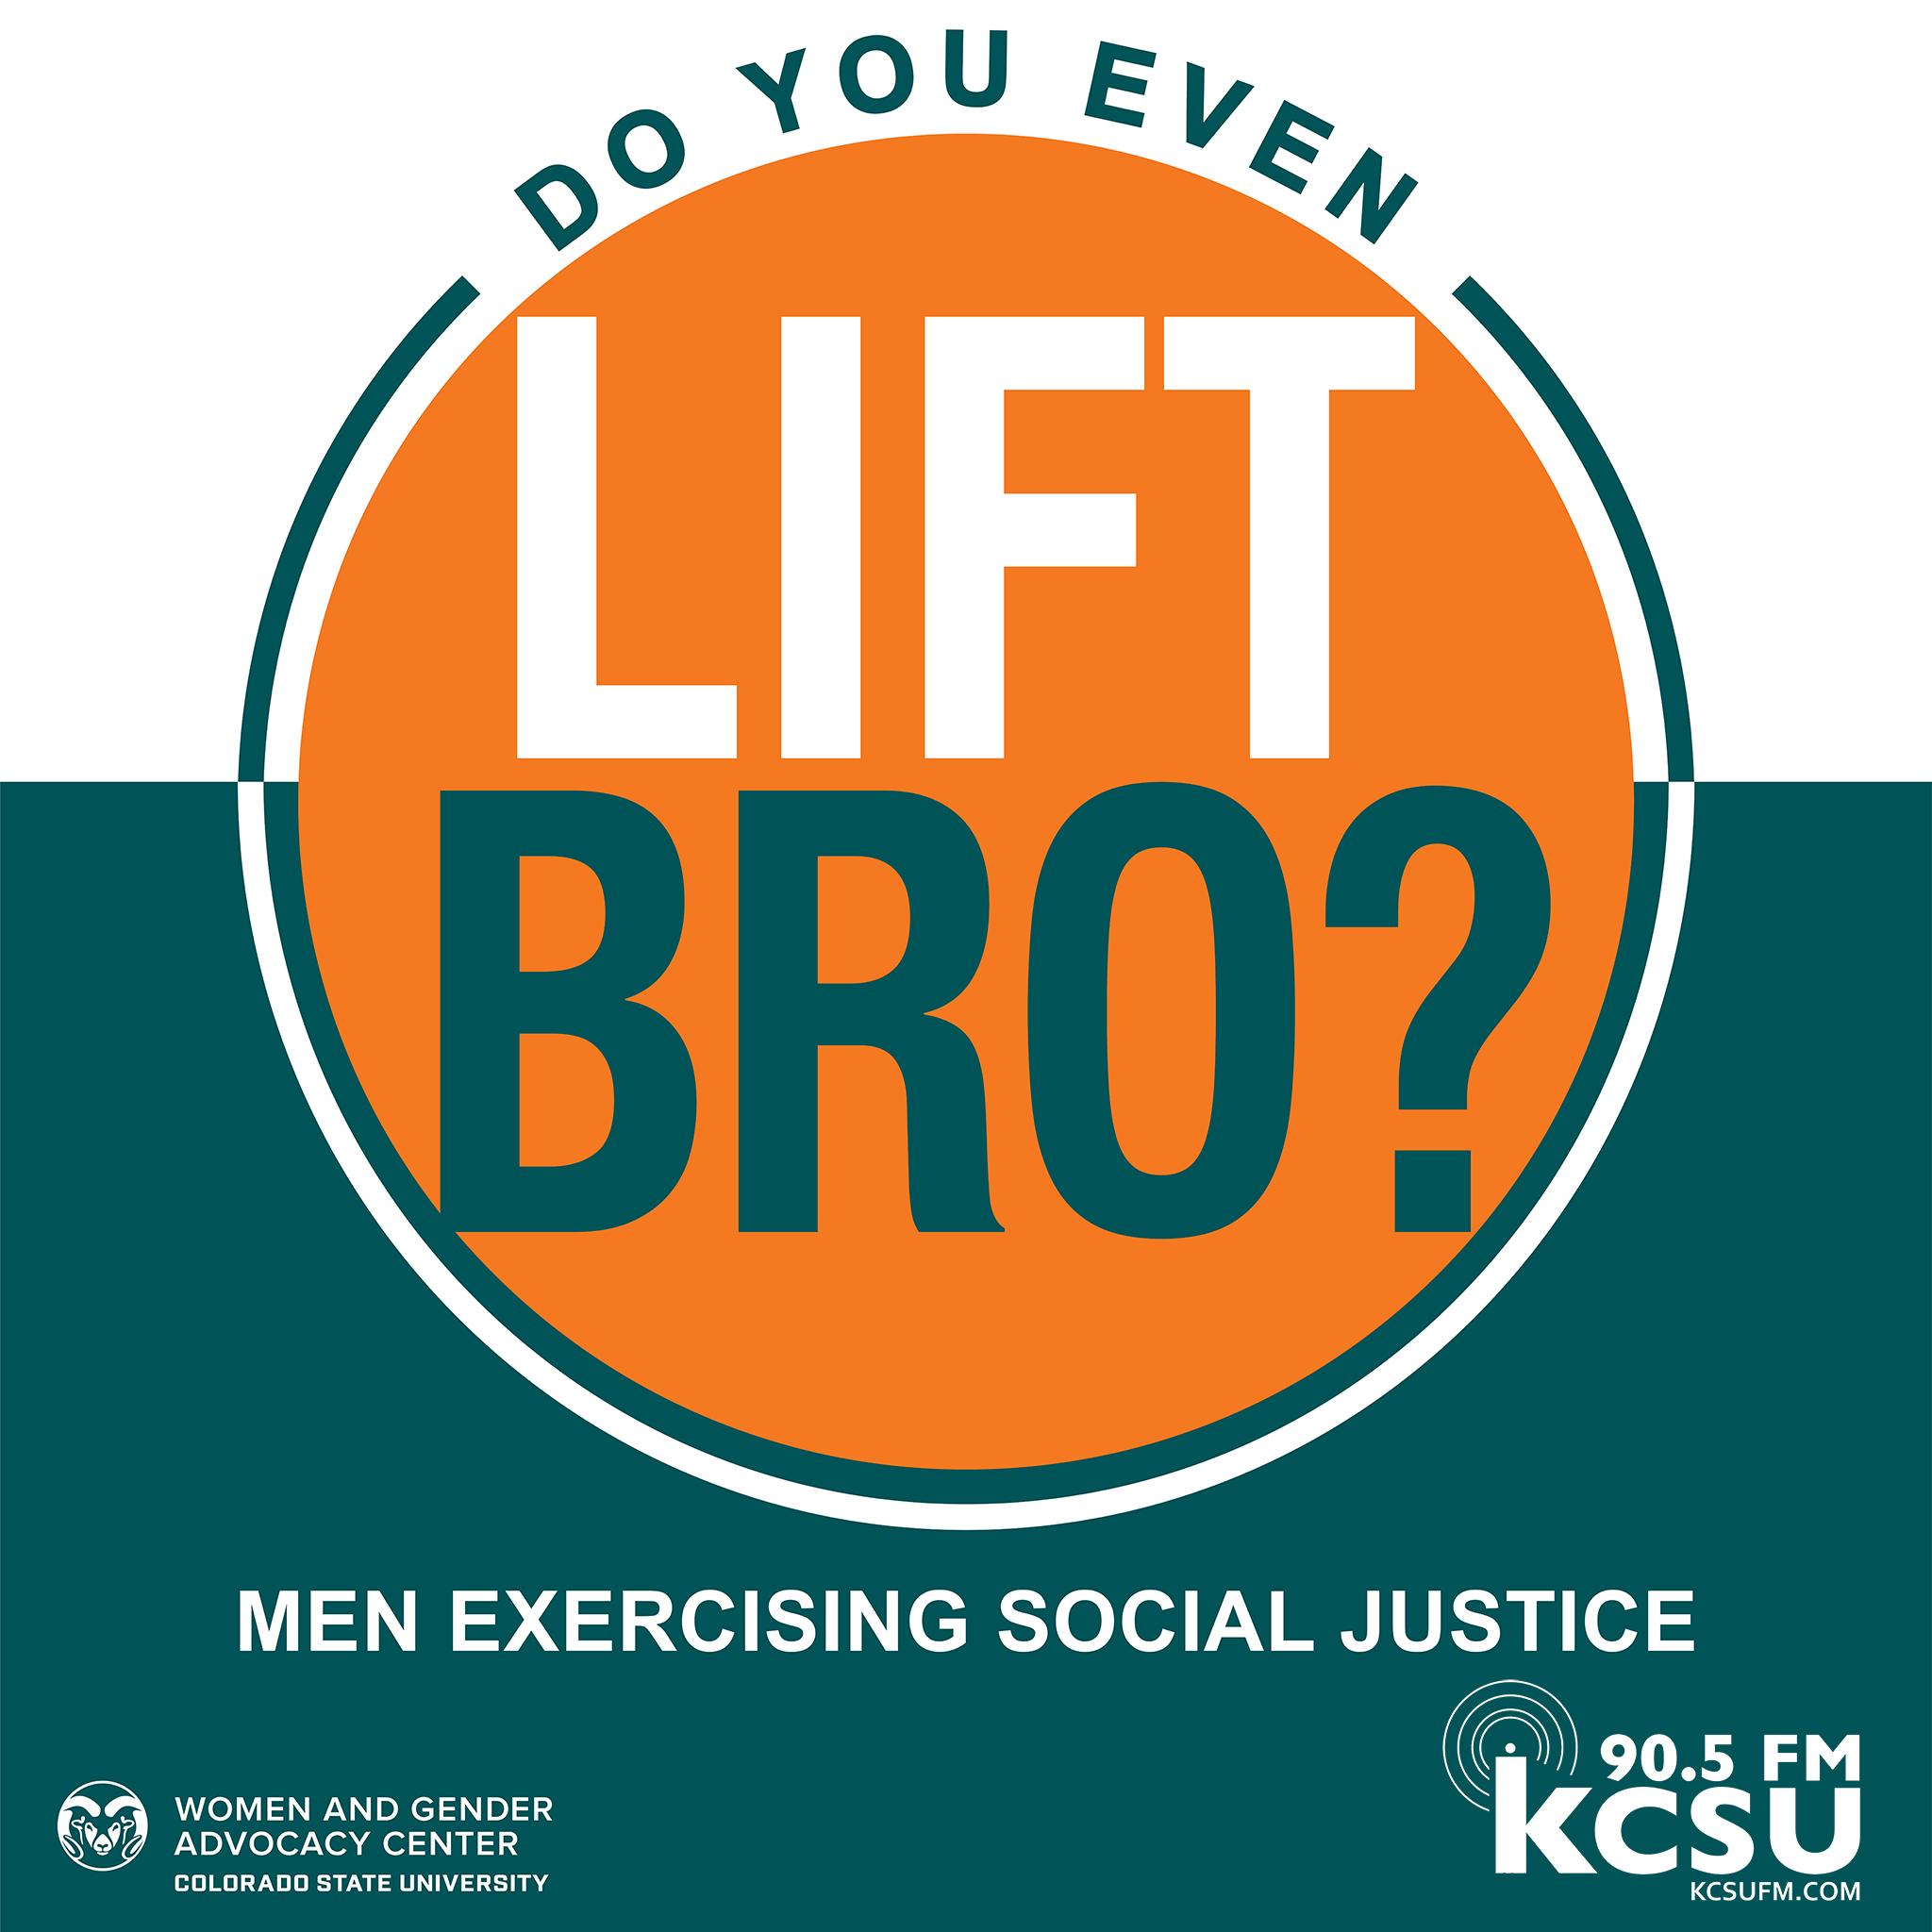 Do You Even Lift Bro? Men Exercising Social Justice